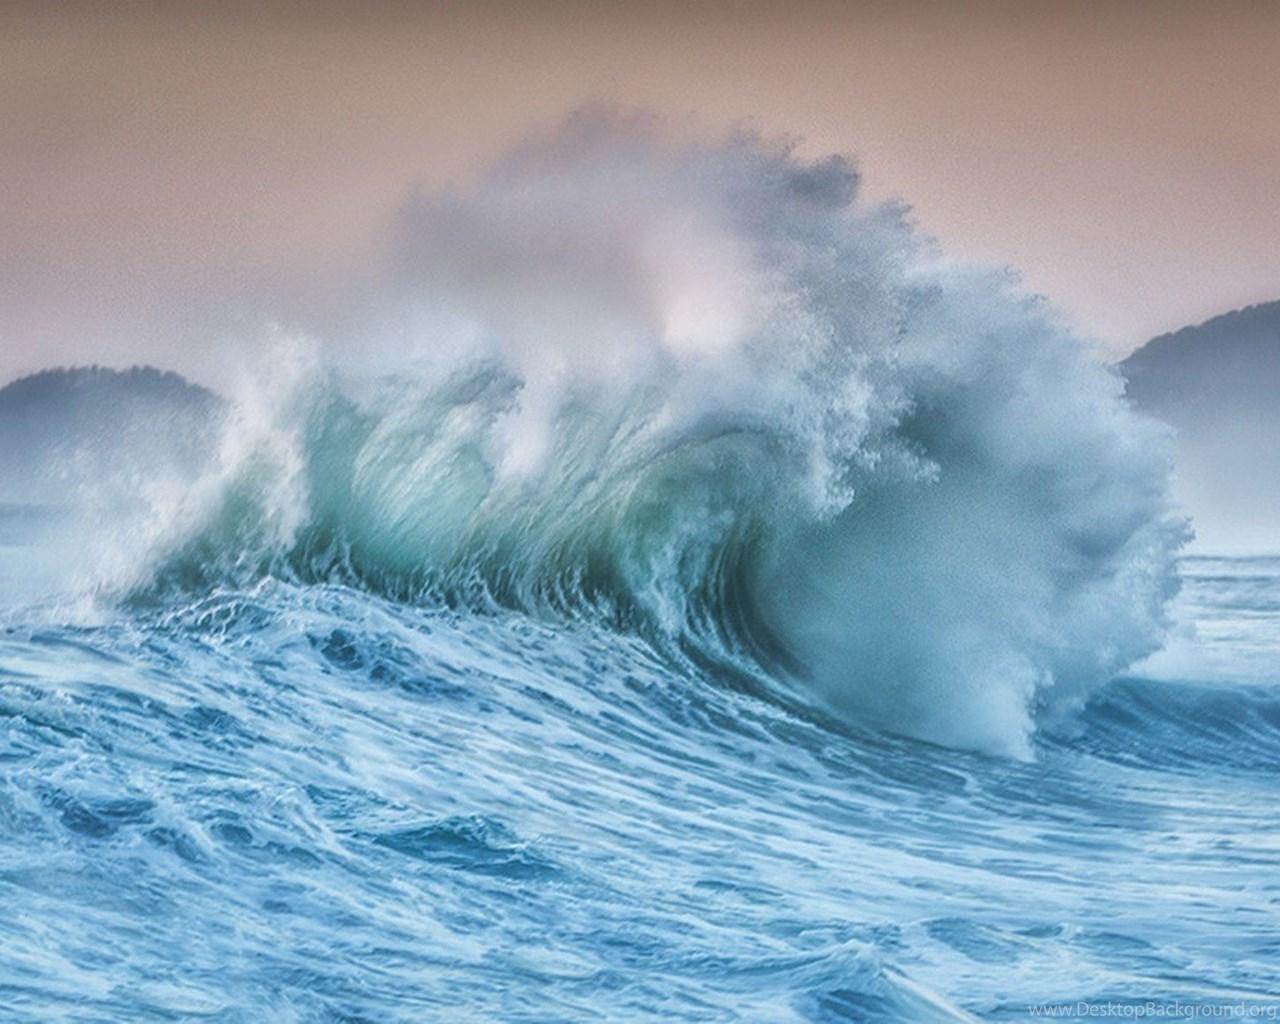 Oceans Wave Waves Sea Blue Free Desktop Wallpapers For High Desktop Background